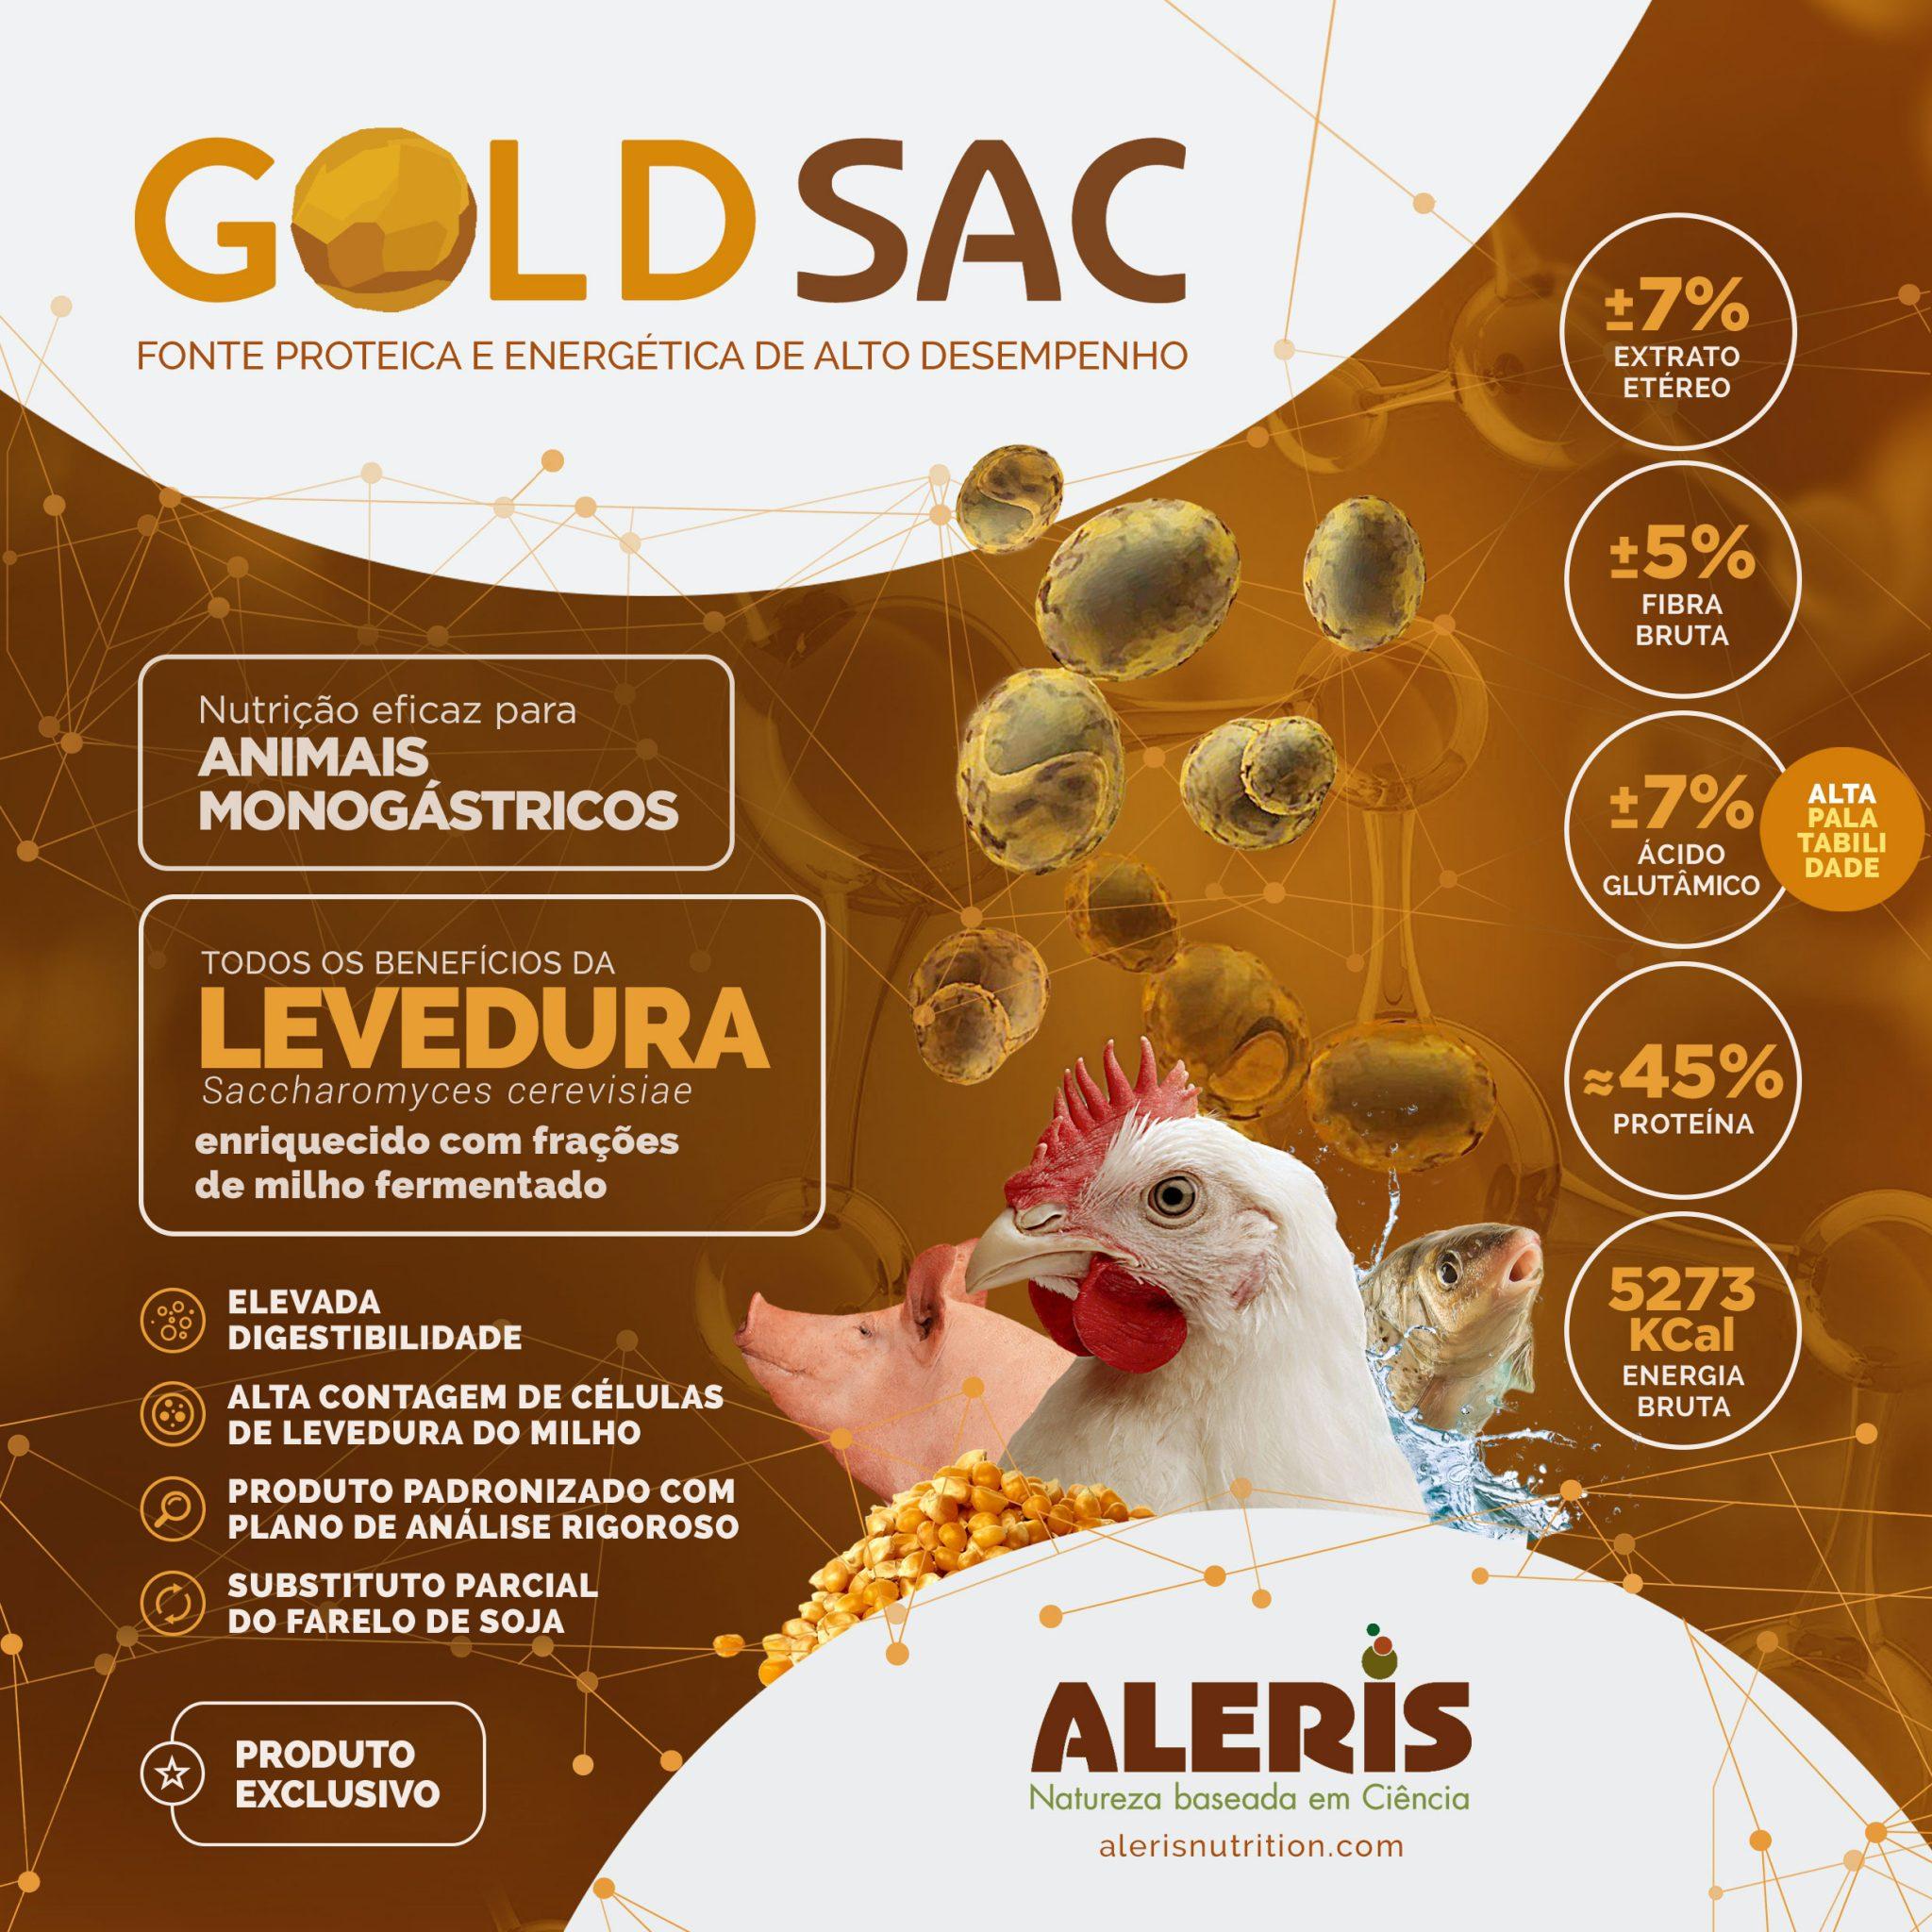 GOLDSAC Aleris - Nutrição de Monogástricos